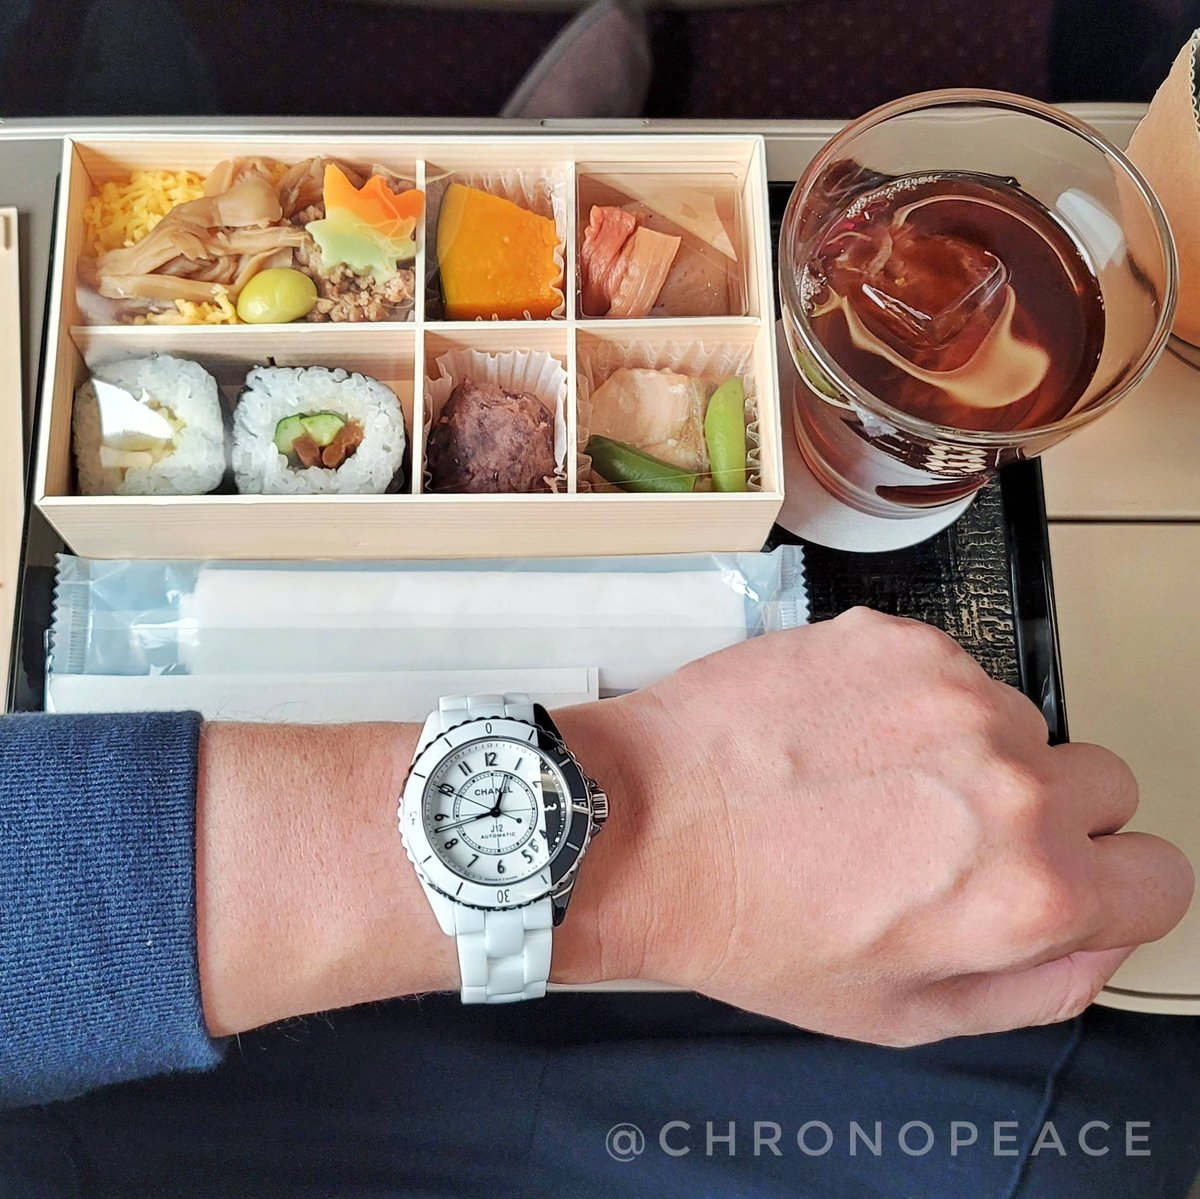 初のグランクラス搭乗! First time in a GranClass seat!  #Chanel #chanelwatches #chanelwatch #chanelj12 #chanelj12paradoxe #j12paradoxe #シャネル #シャネル時計 #シャネル腕時計 #シャネルj12 #シャネルj12パラドックス #wristshot #wristshots #リストショット #j12パラドックス